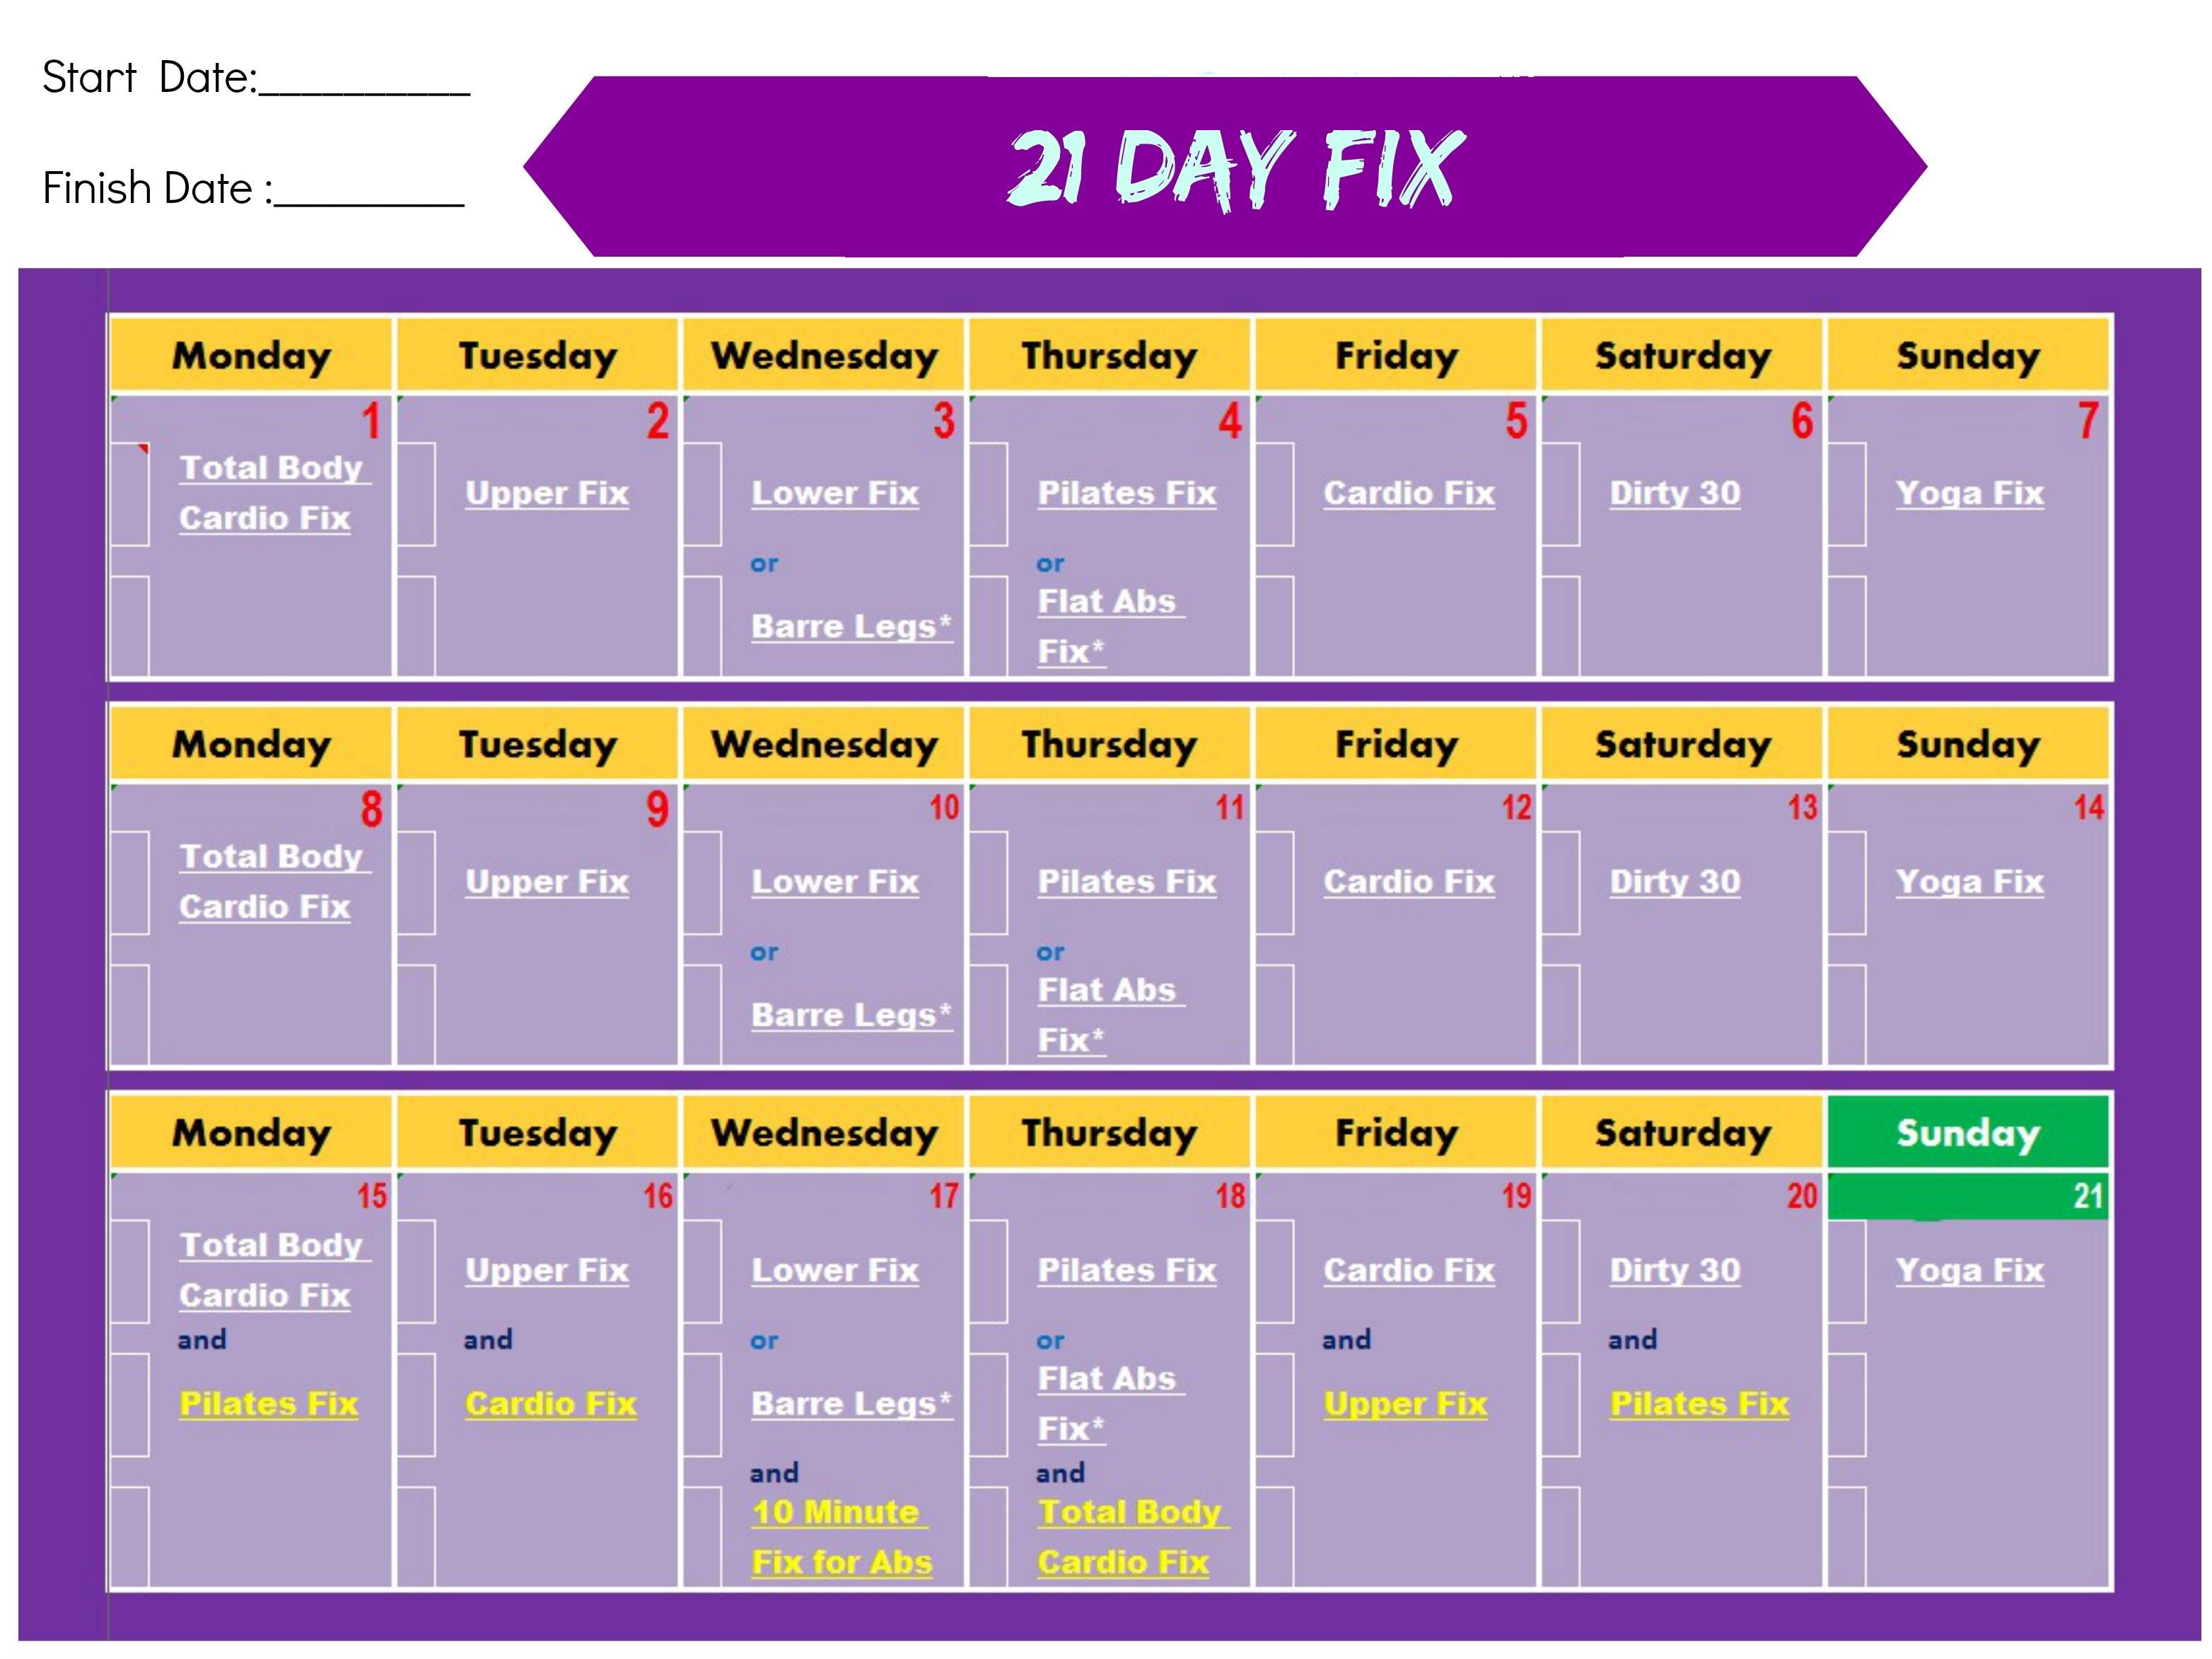 Calendario 21 Day Fix.21 Day Fix Come Rimettersi In Forma In 21 Giorni Con Autumn